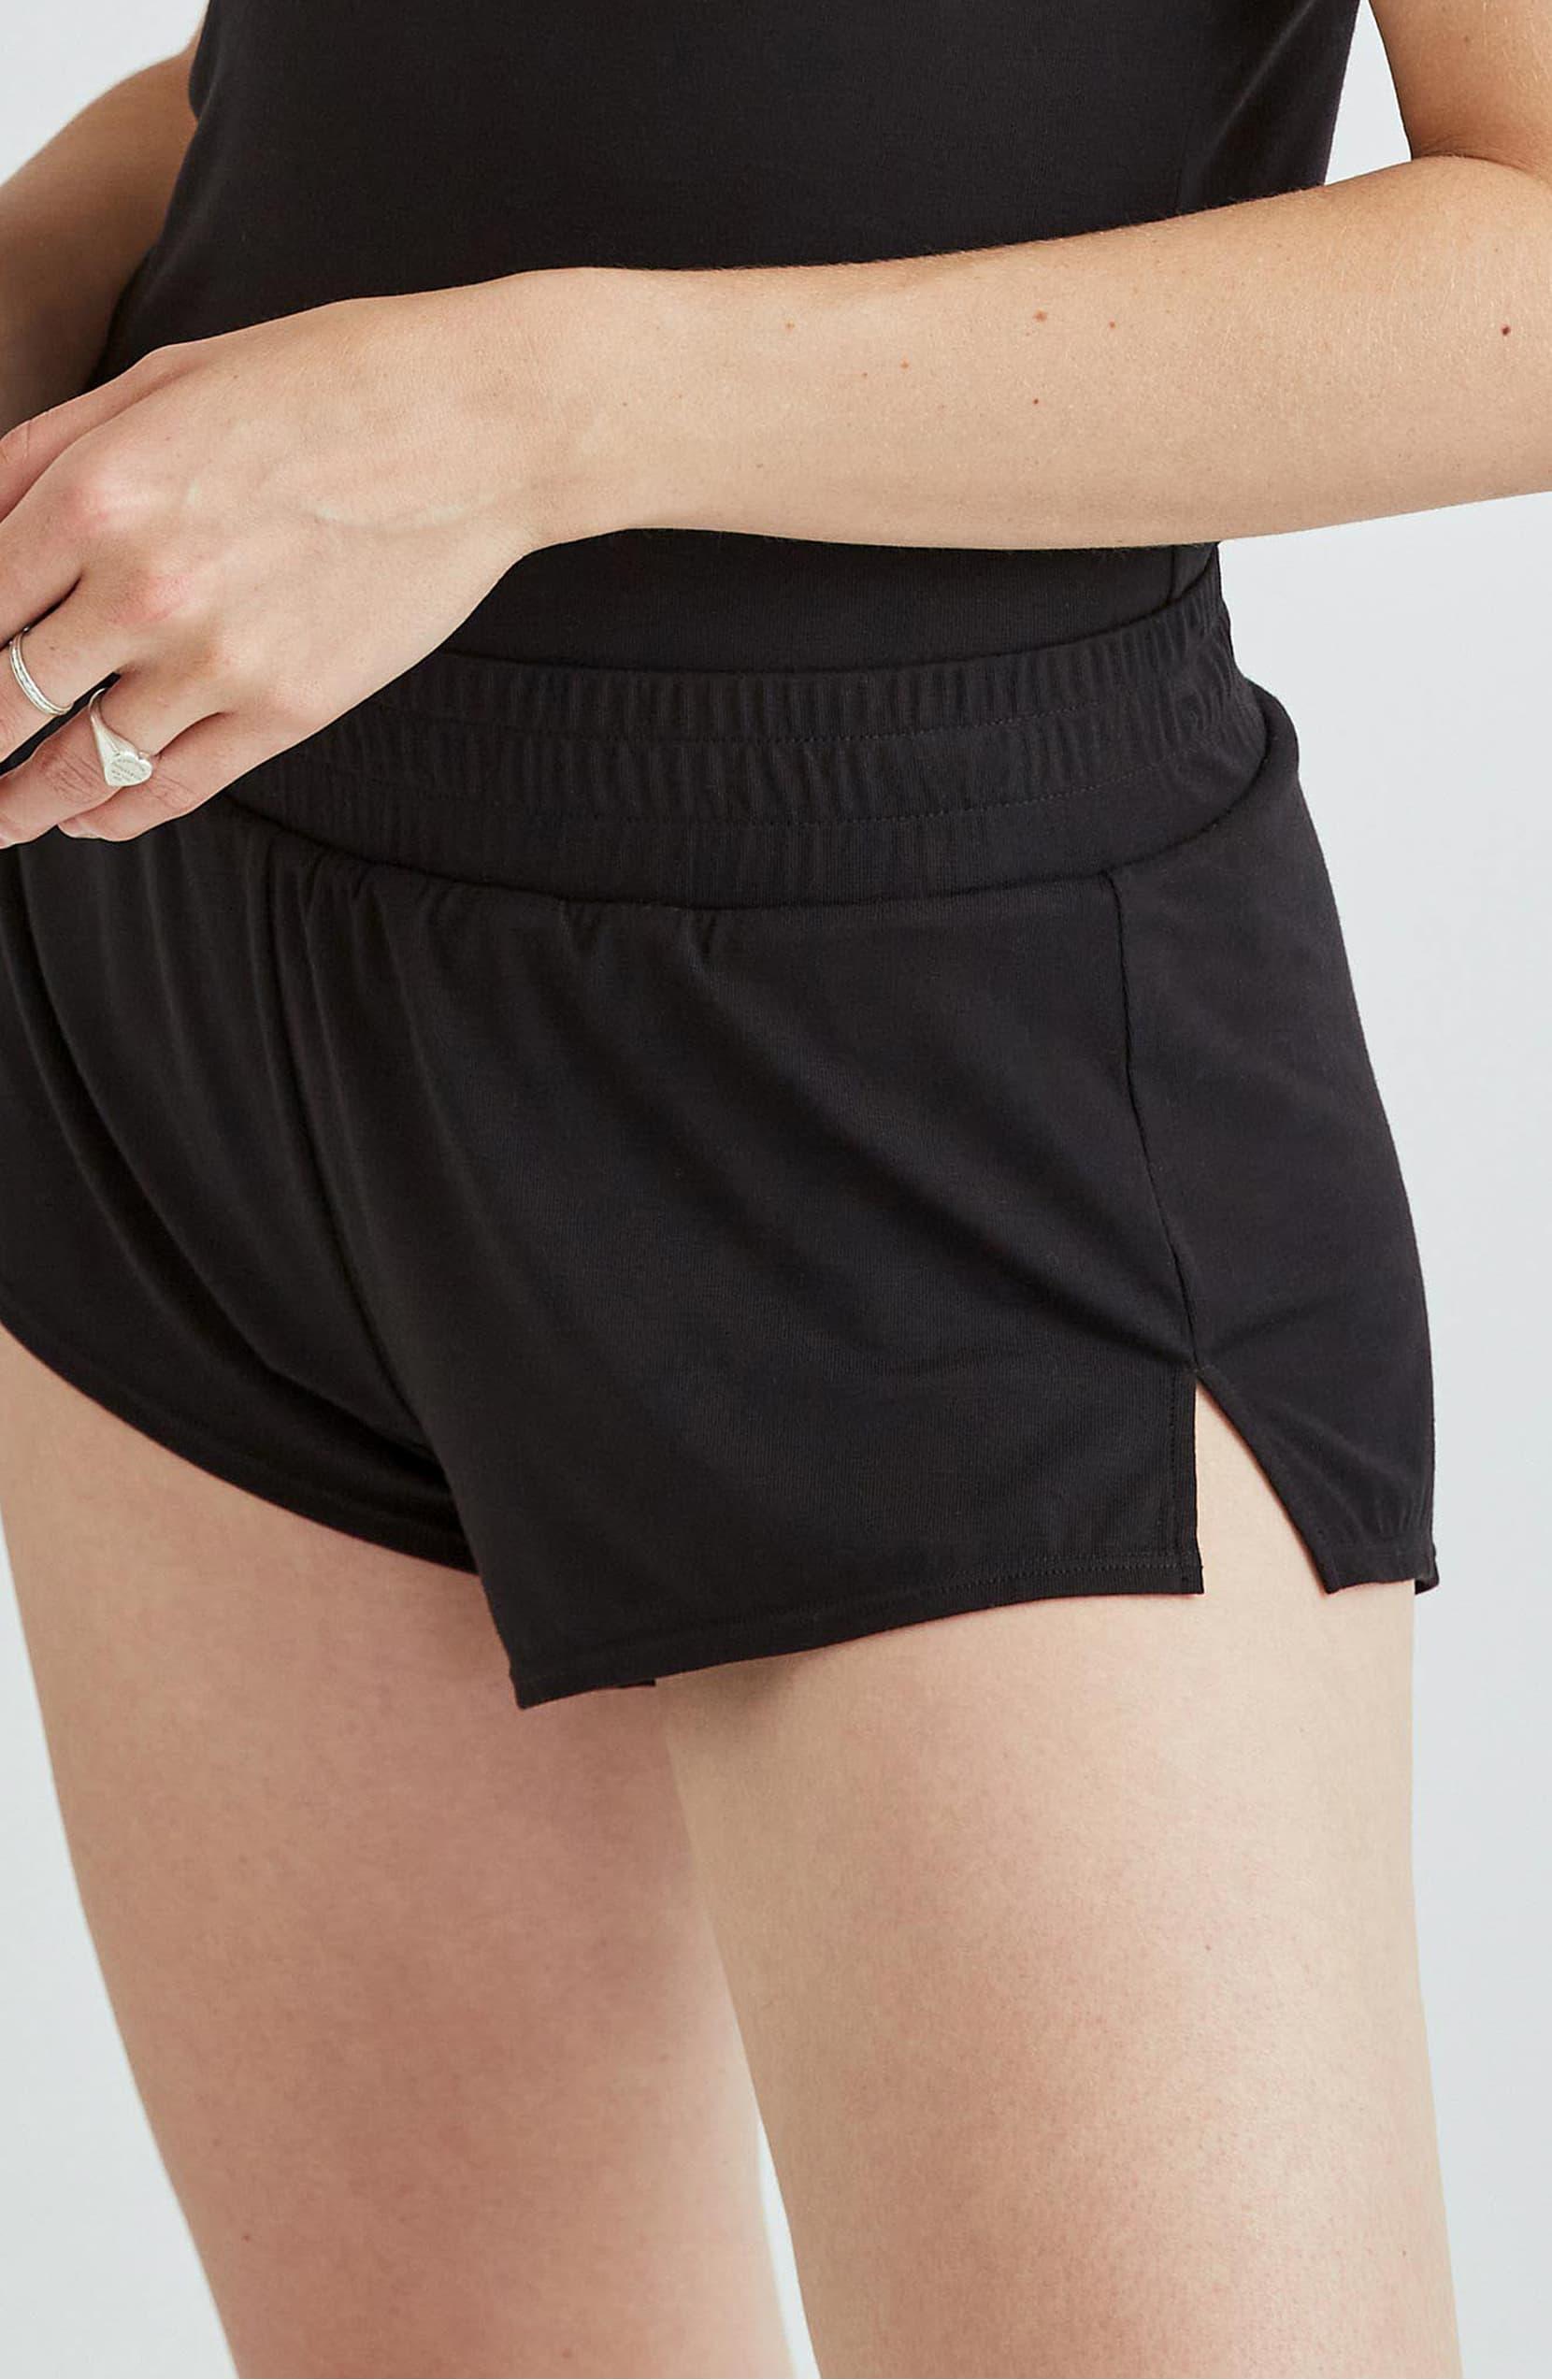 richer poorer shorts